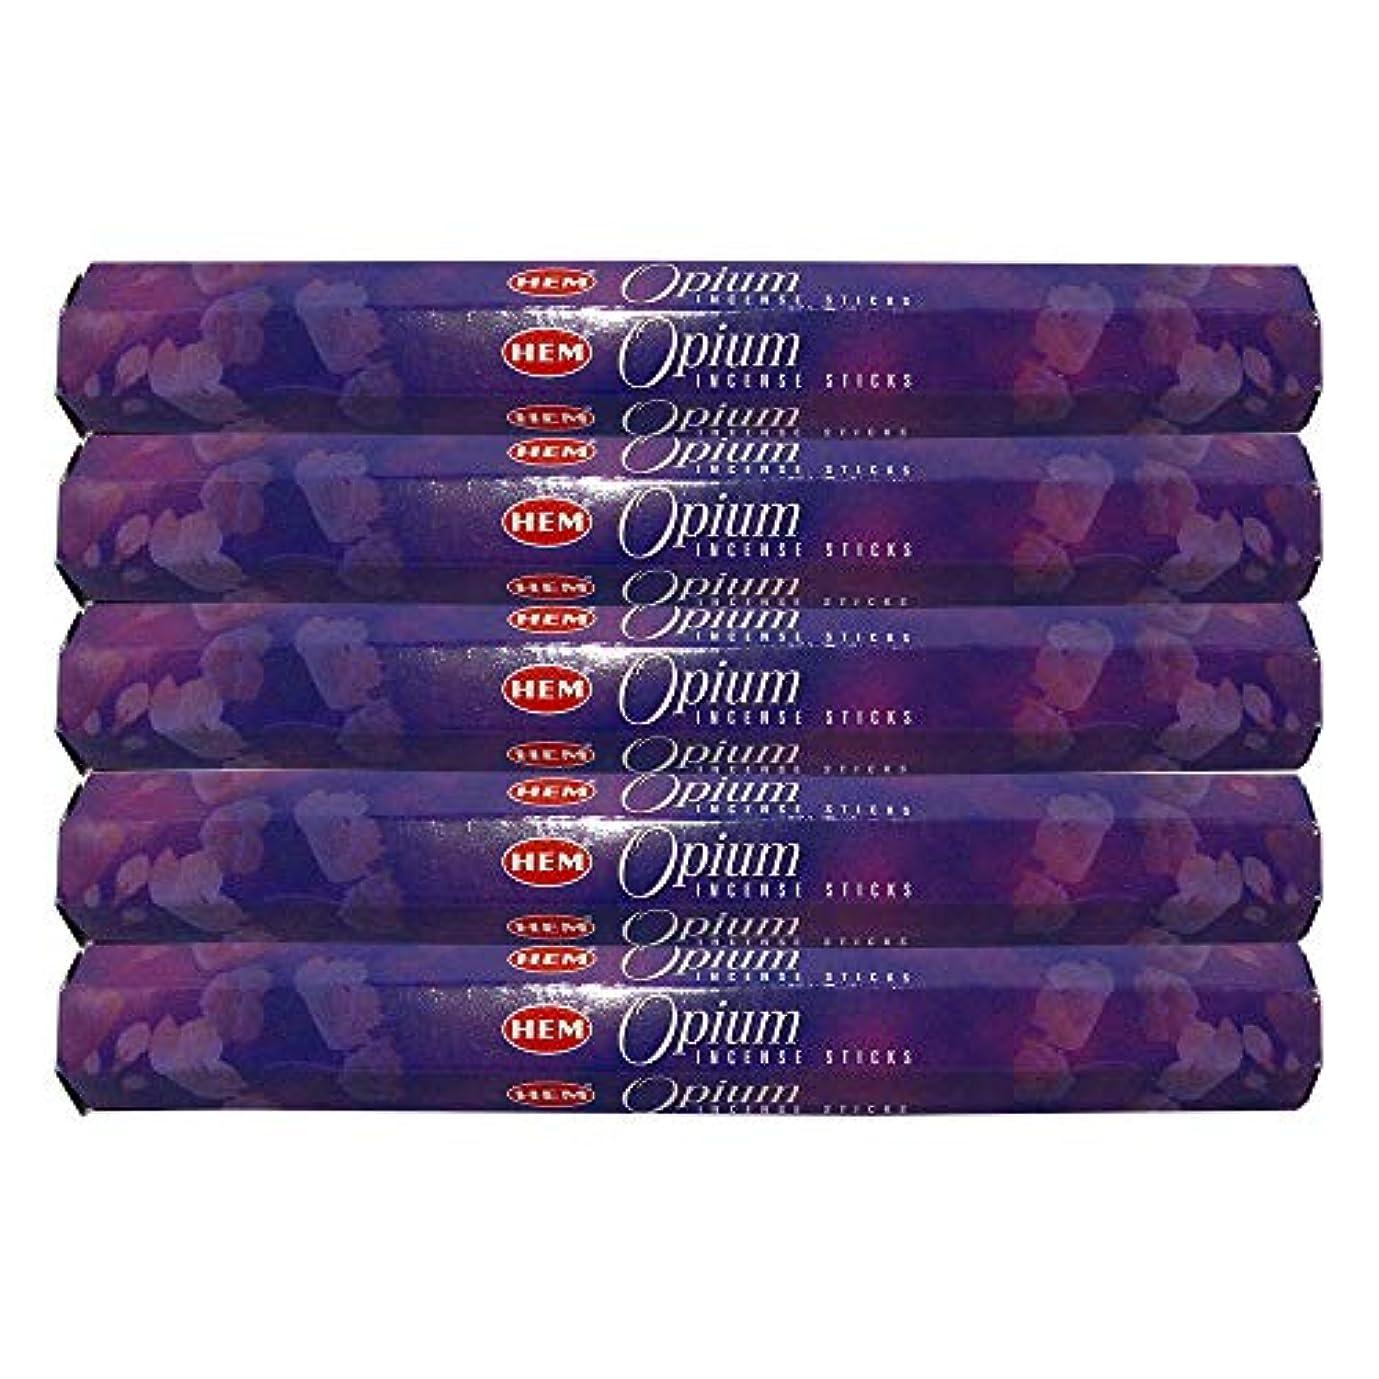 外部かすれた電話するHem Opium 100 Incense Sticks (5 x 20スティックパック)